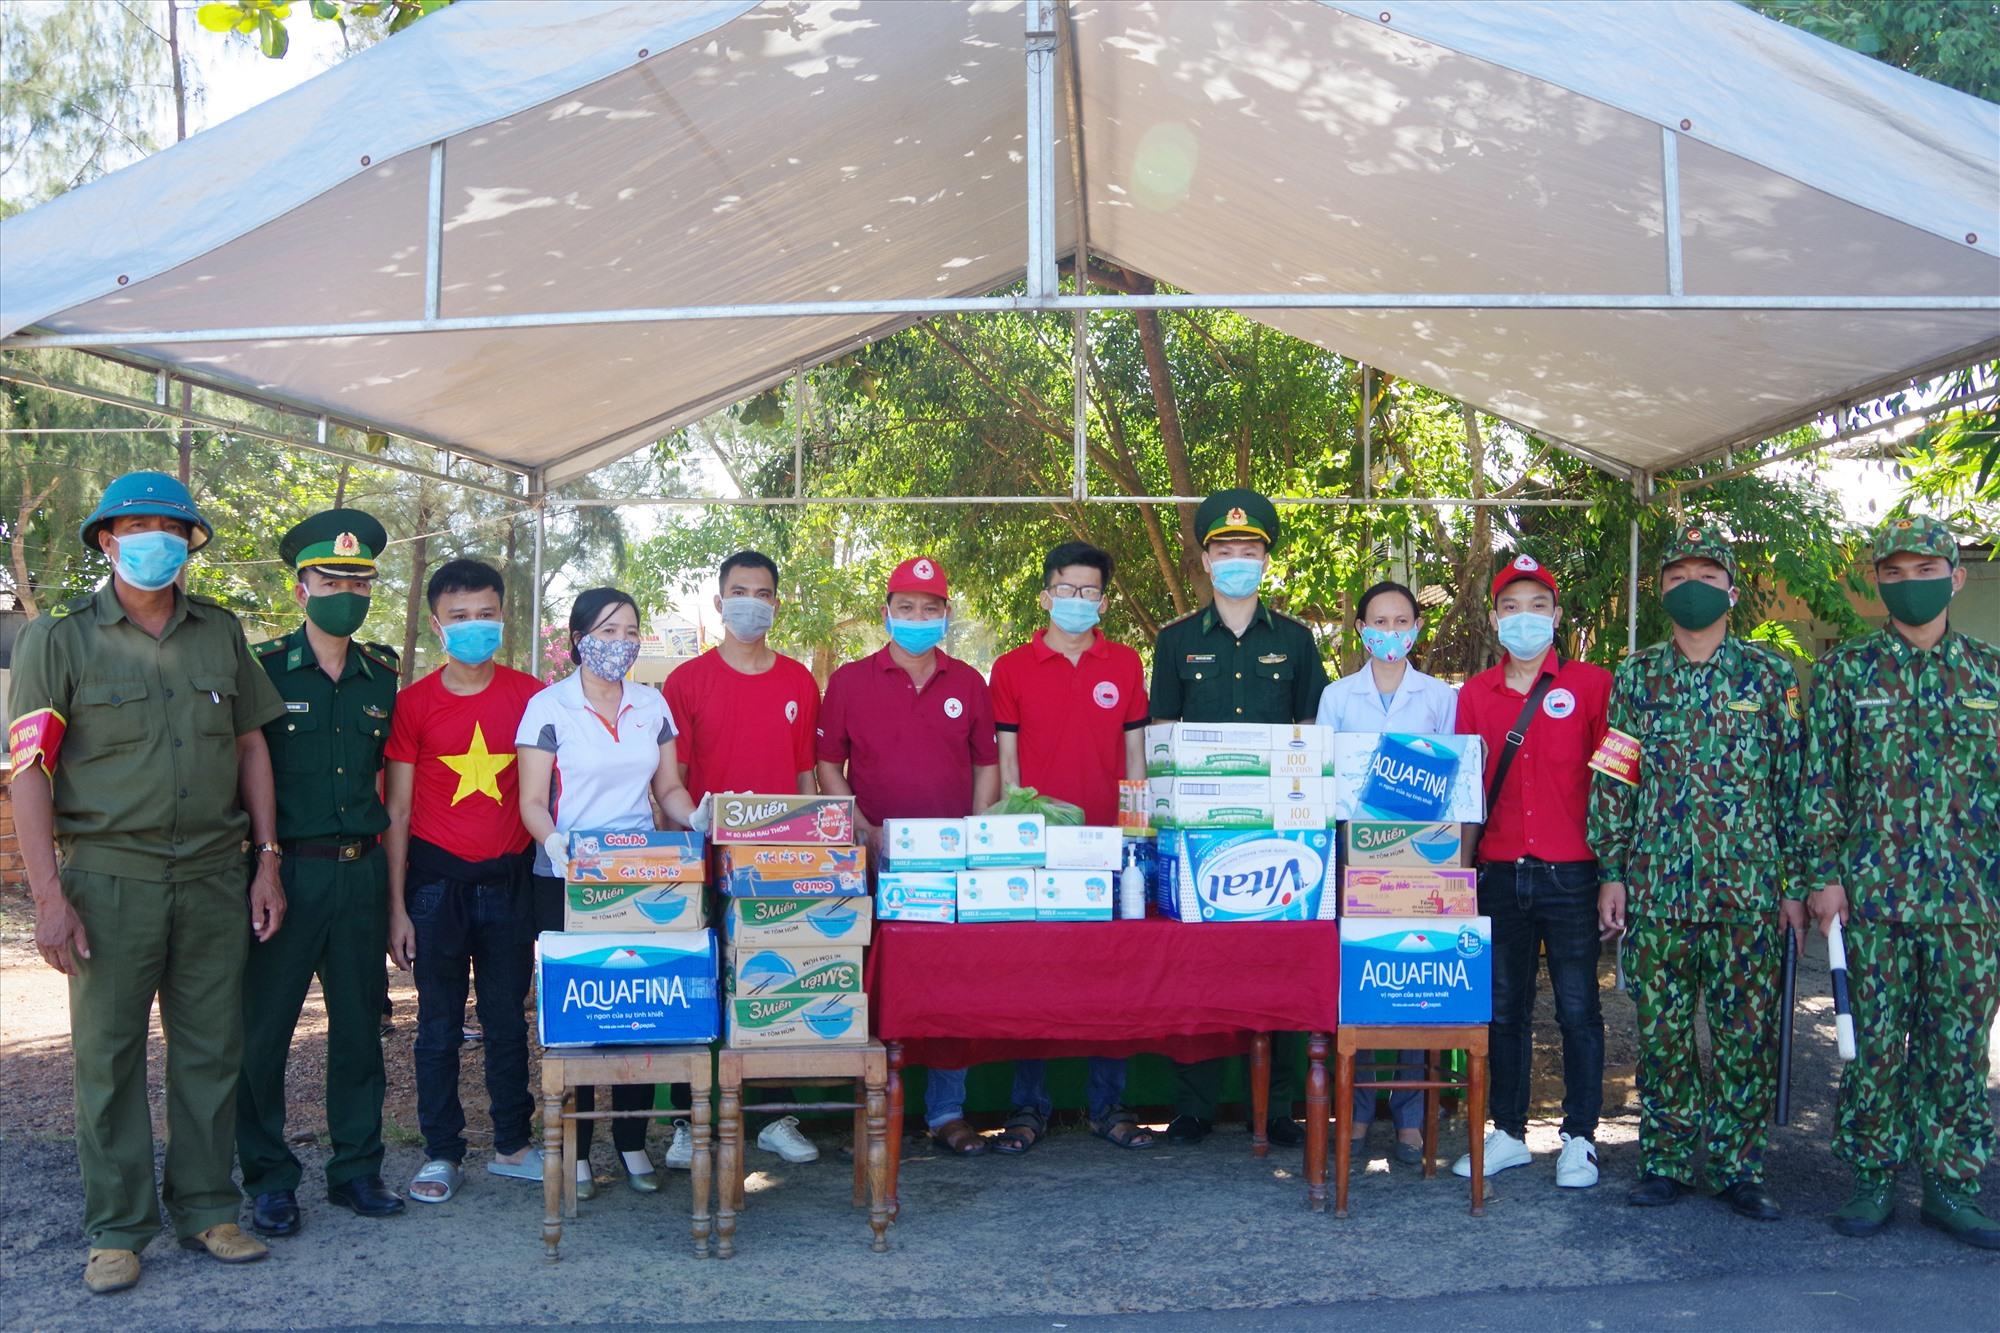 Tặng quà cho chốt kiểm dịch tại xã Tam Quang (nơi kiểm soát người và phương tiện từ Quảng Ngãi vào Quảng Nam)